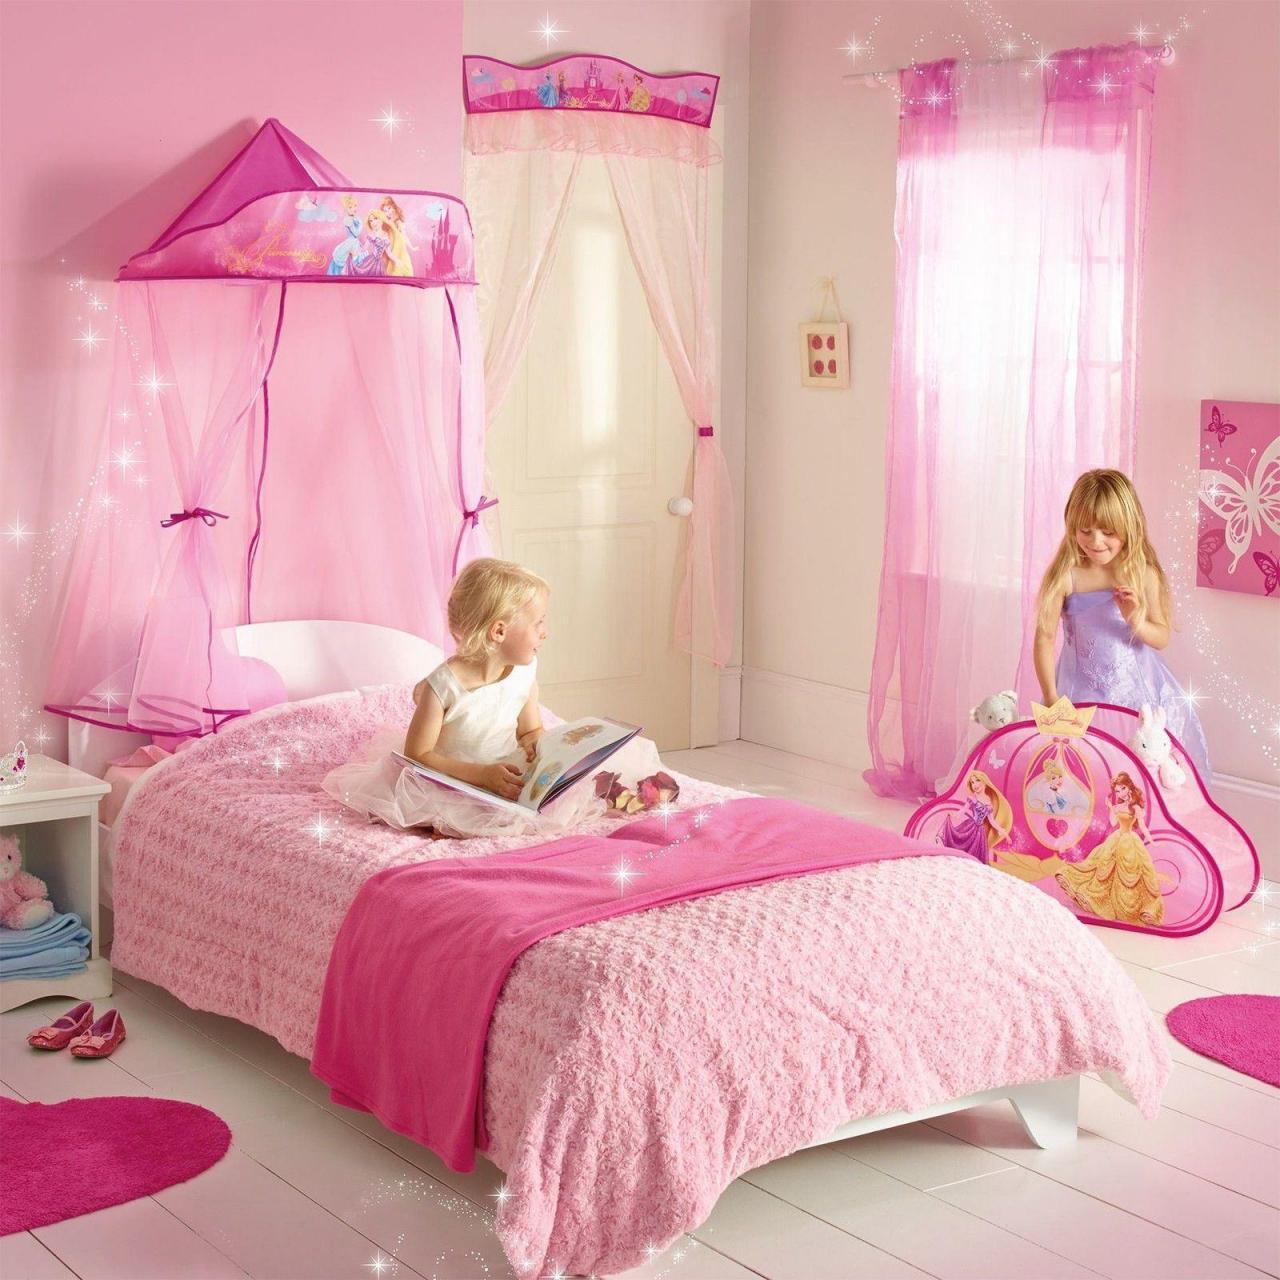 صورة غرف اطفال بناتي , اجمل التصميمات والديكورات للغرفة 3678 6